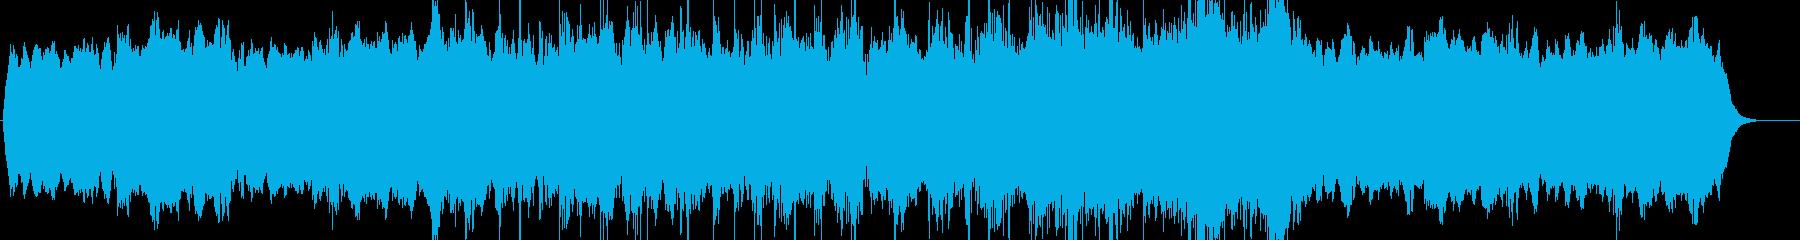 シンプルなホラーミュージックの再生済みの波形